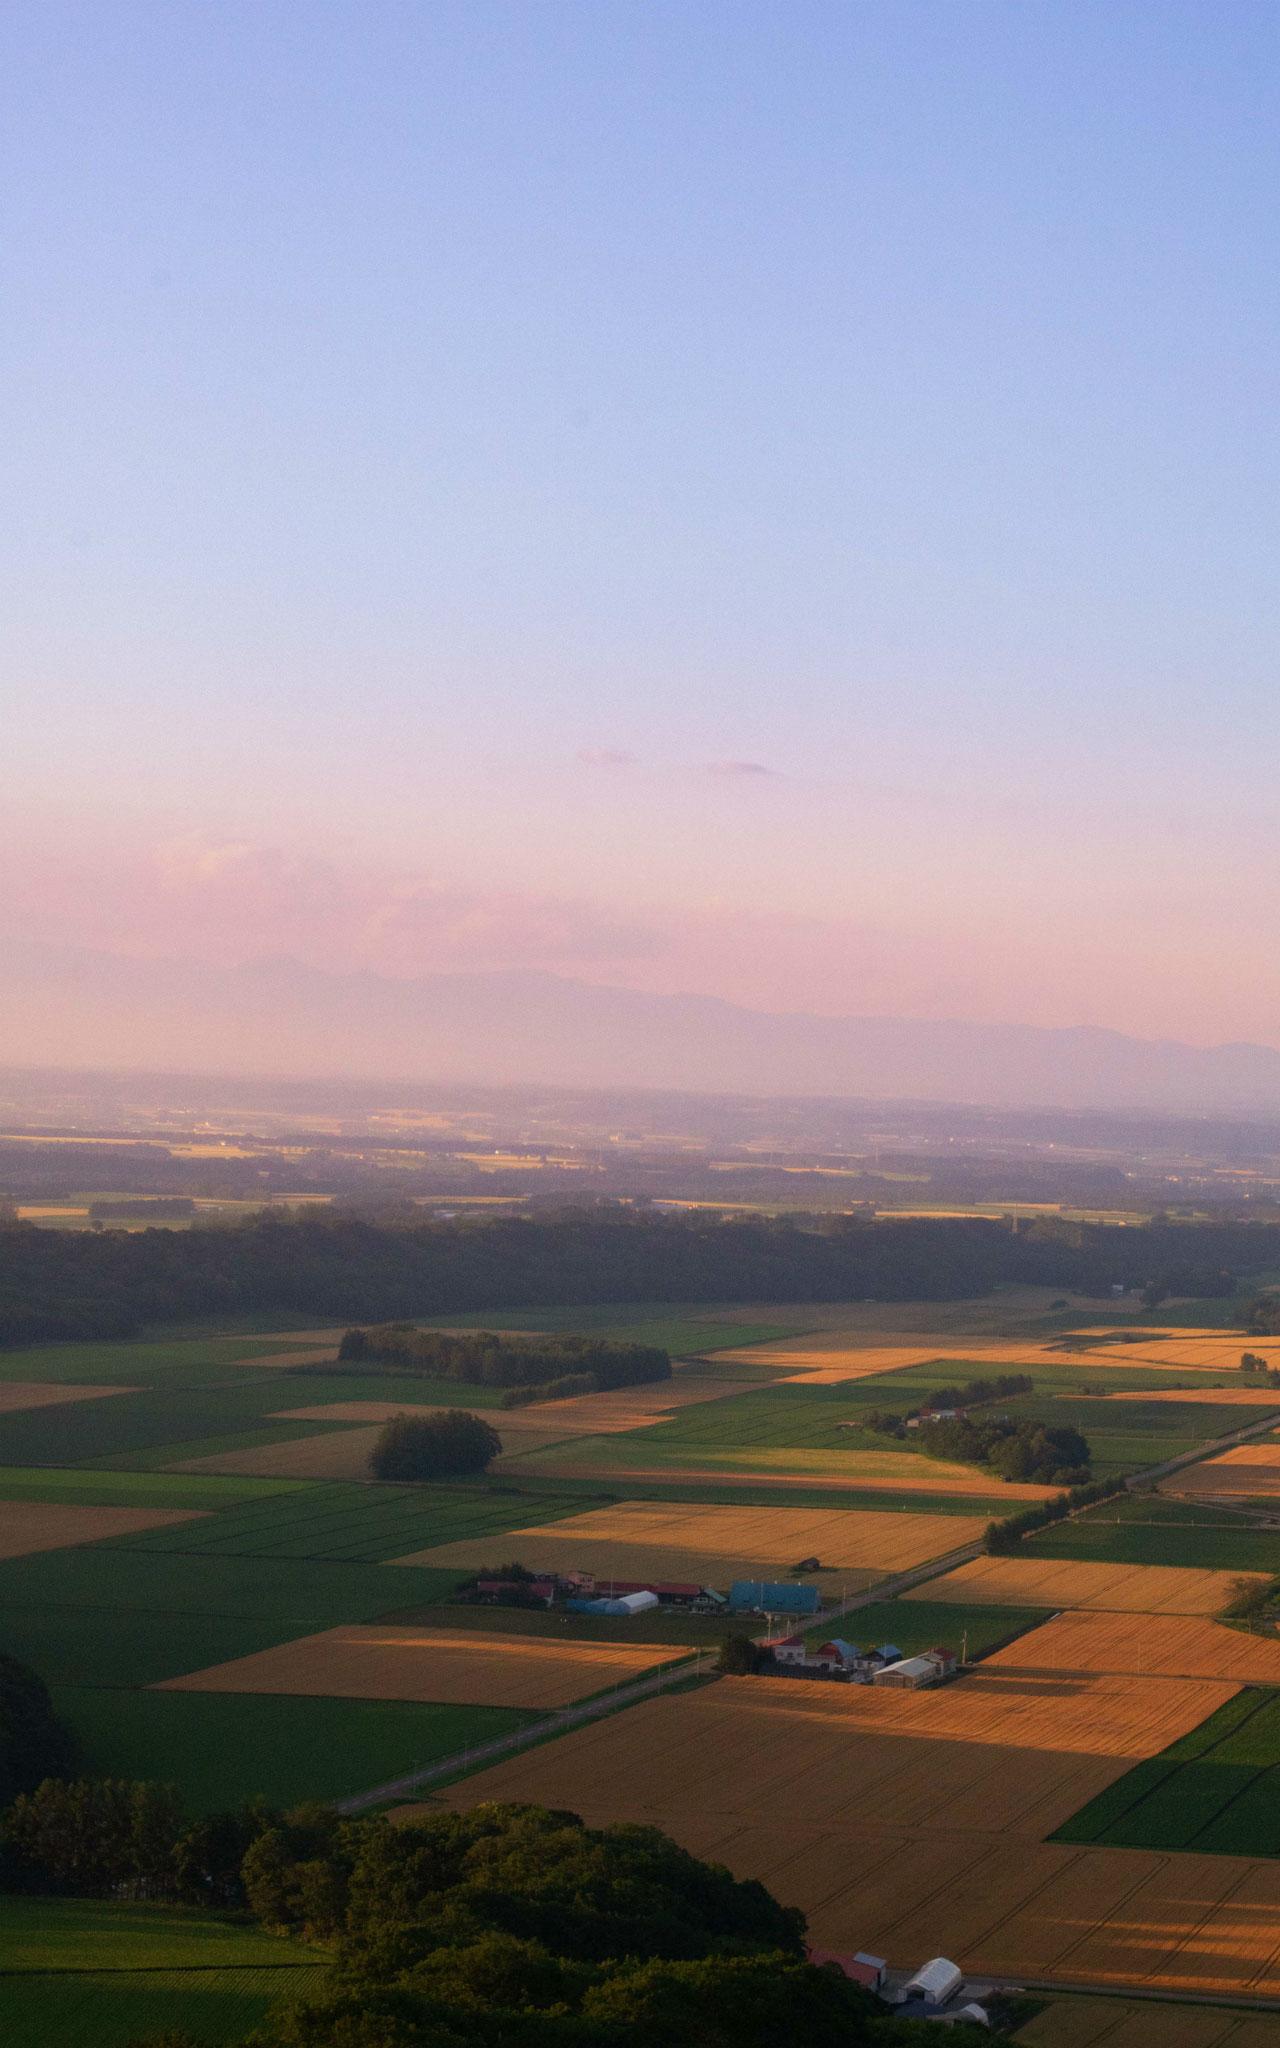 秋のパッチワーク畑